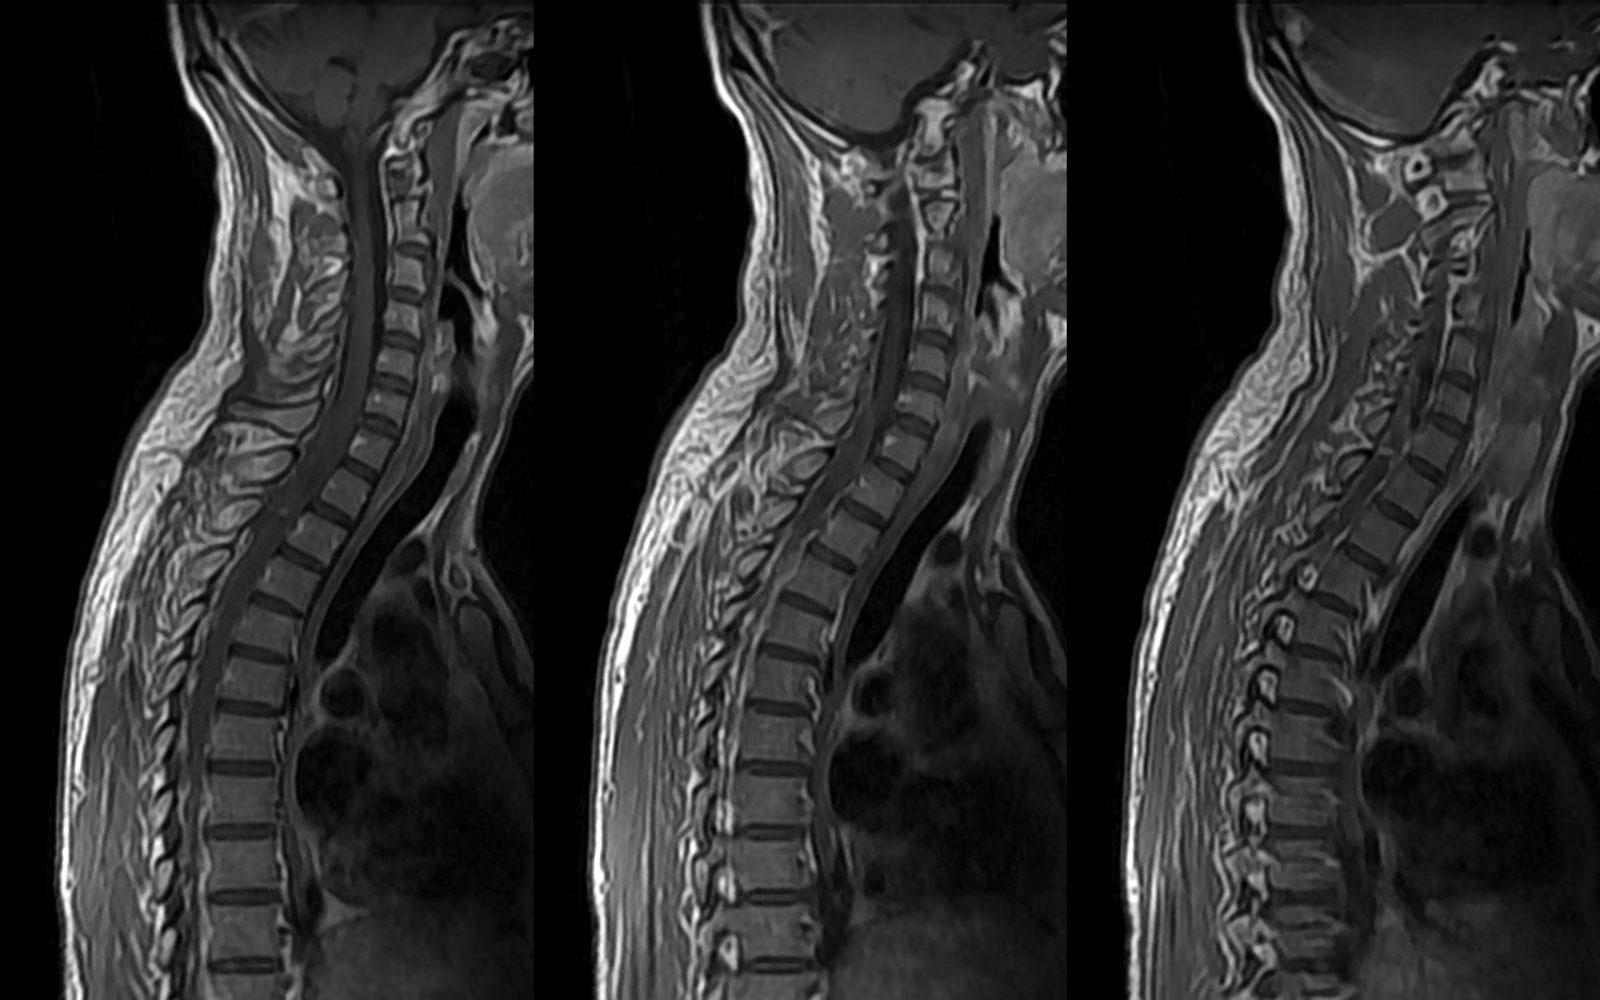 Снимок МРТ шейного отдела позвоночника